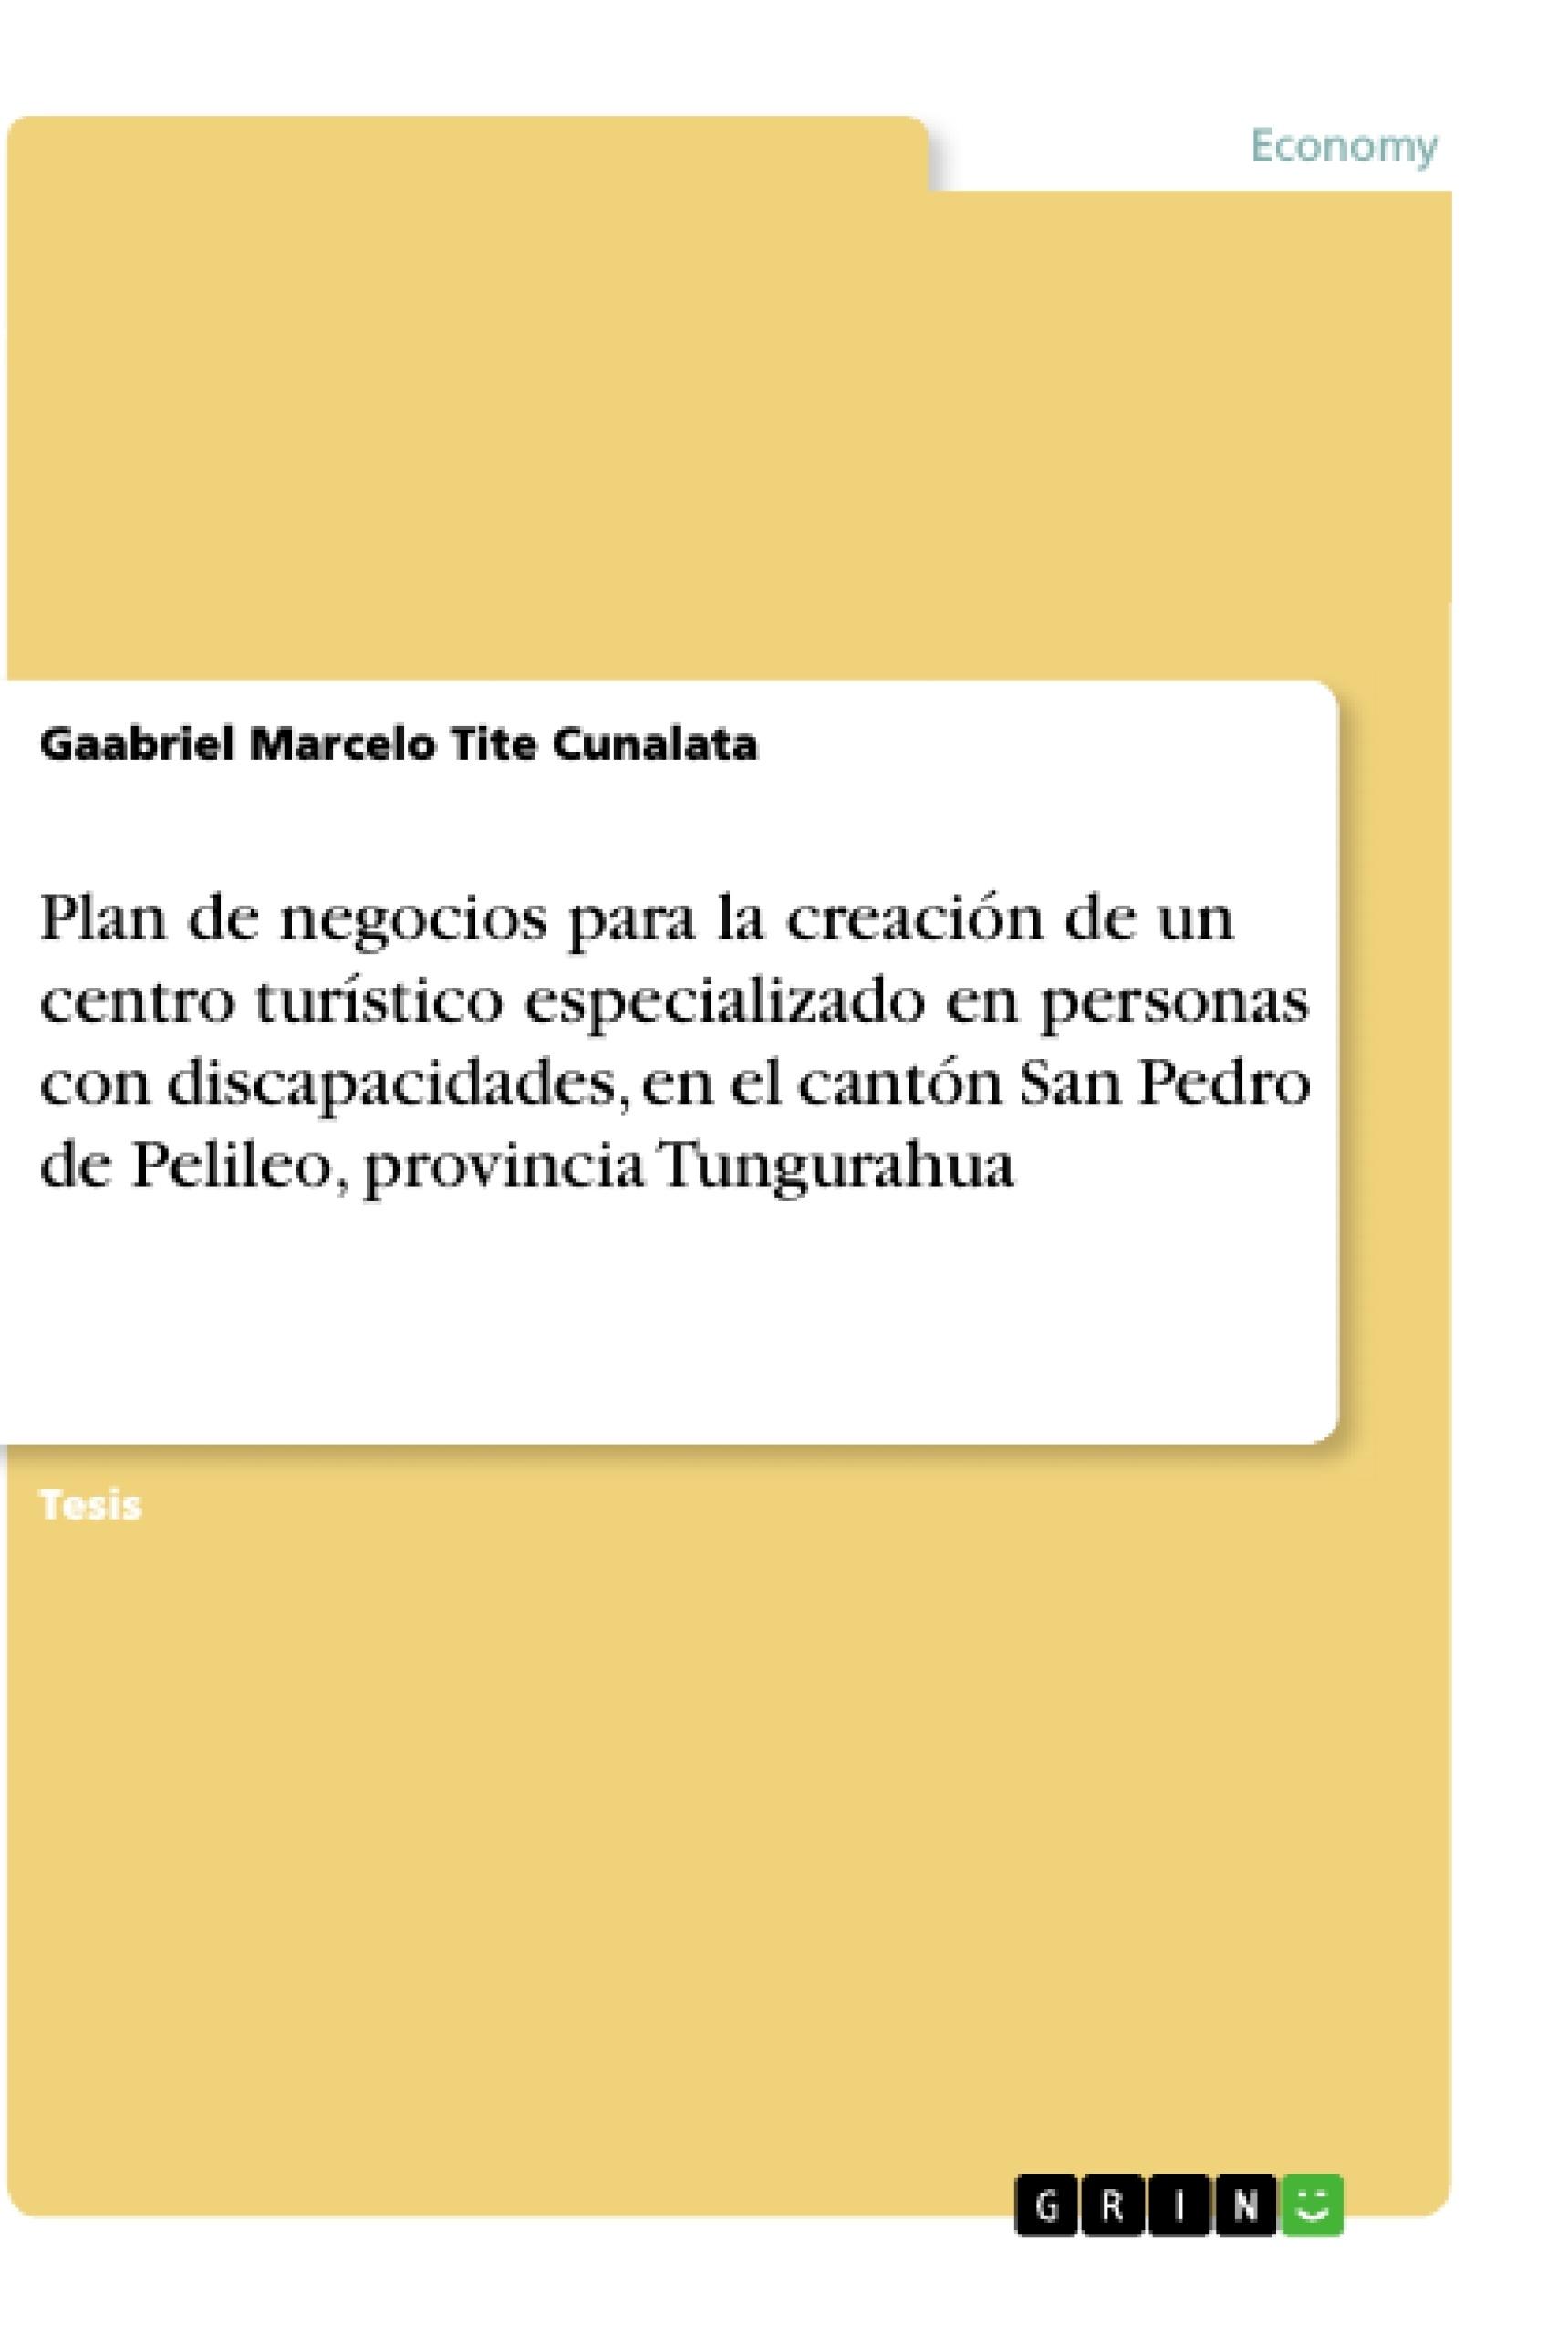 Título: Plan de negocios para la creación de un centro turístico especializado en personas con discapacidades, en el cantón San Pedro de Pelileo, provincia Tungurahua